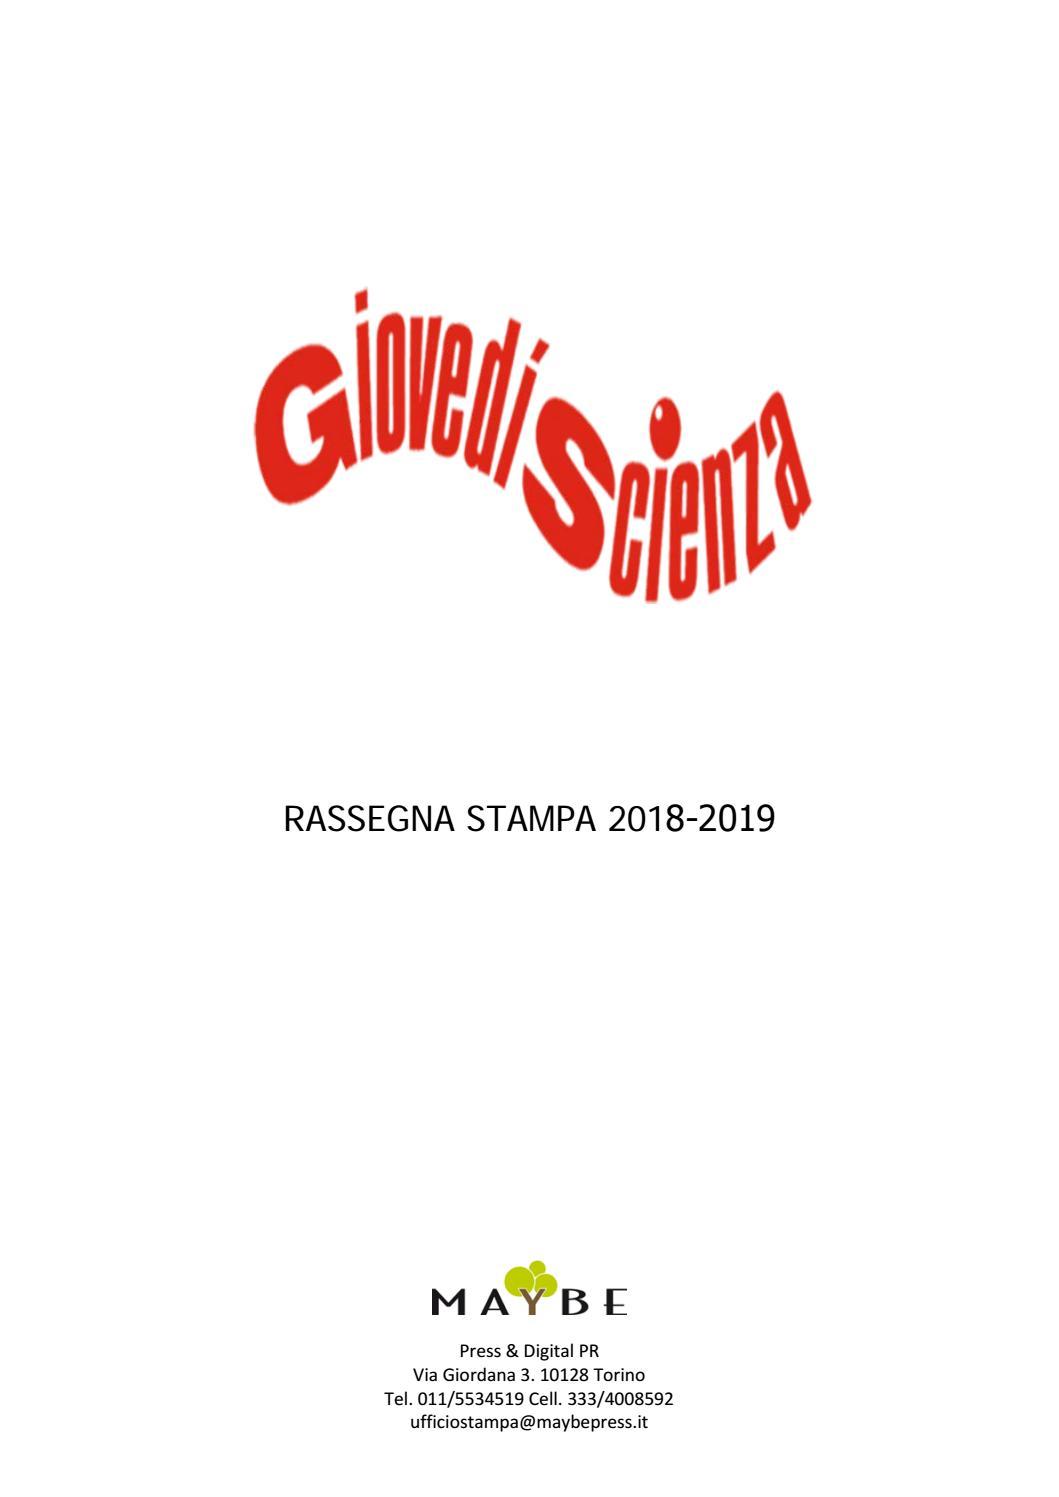 Polito Calendario Cronologico 2020.Rassegna Stampa 2018 2019 Giovedi Scienza By Maybe Ufficio